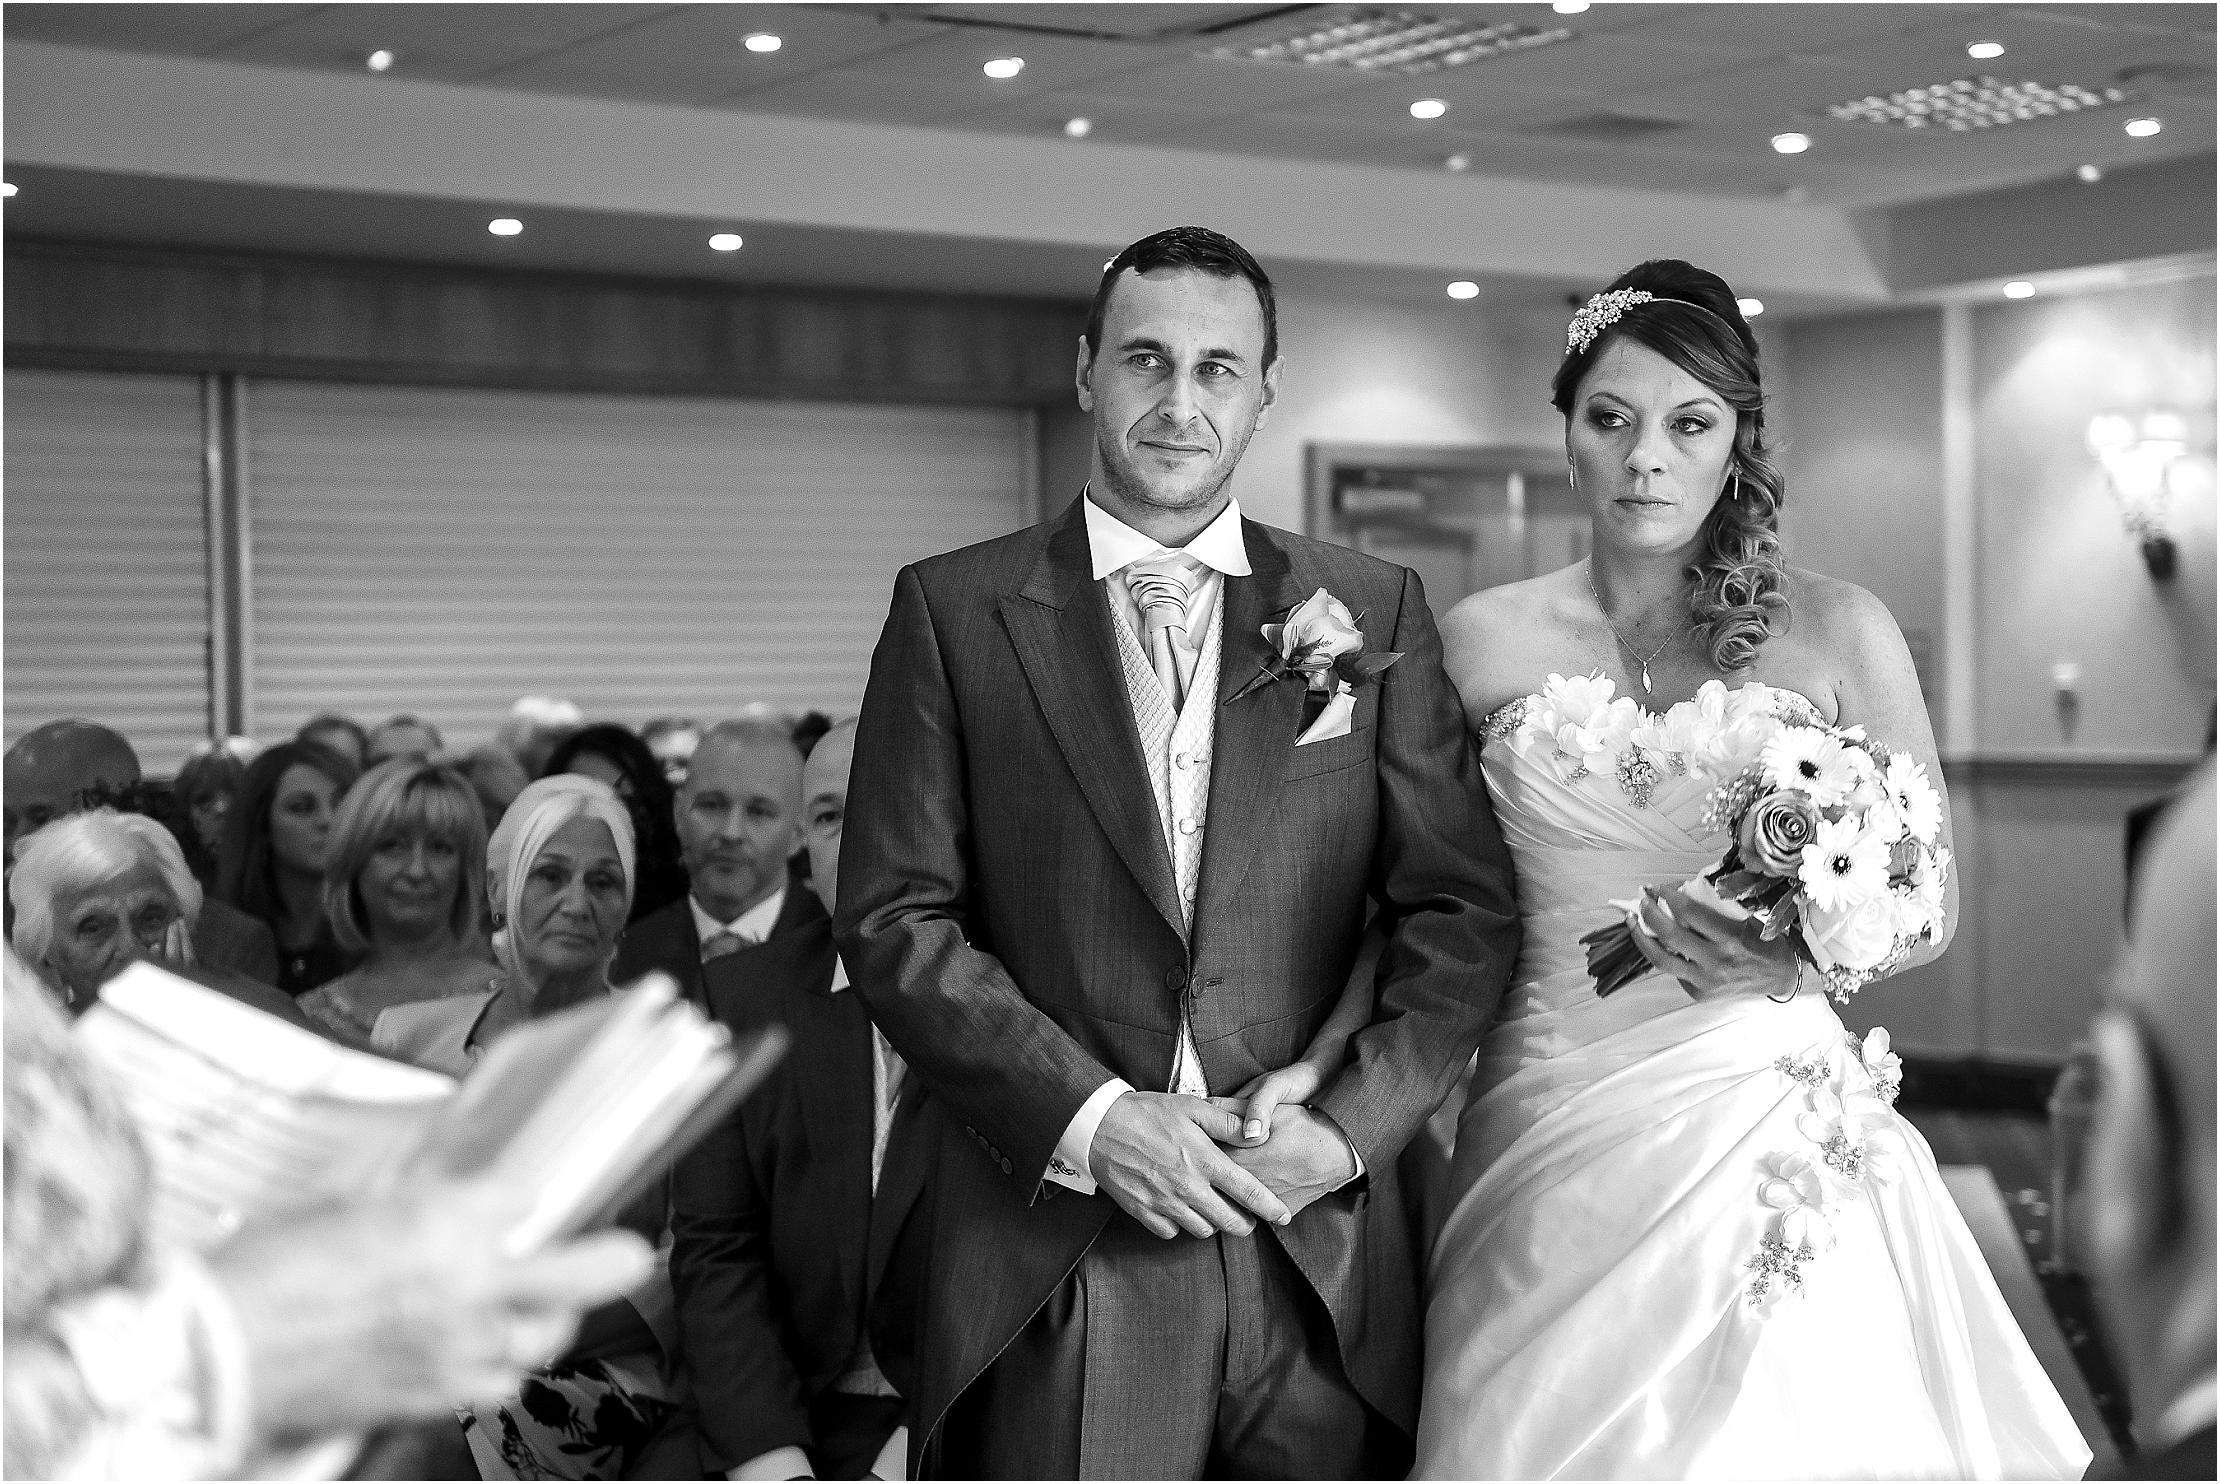 lodore-falls-hotel-wedding- 040.jpg